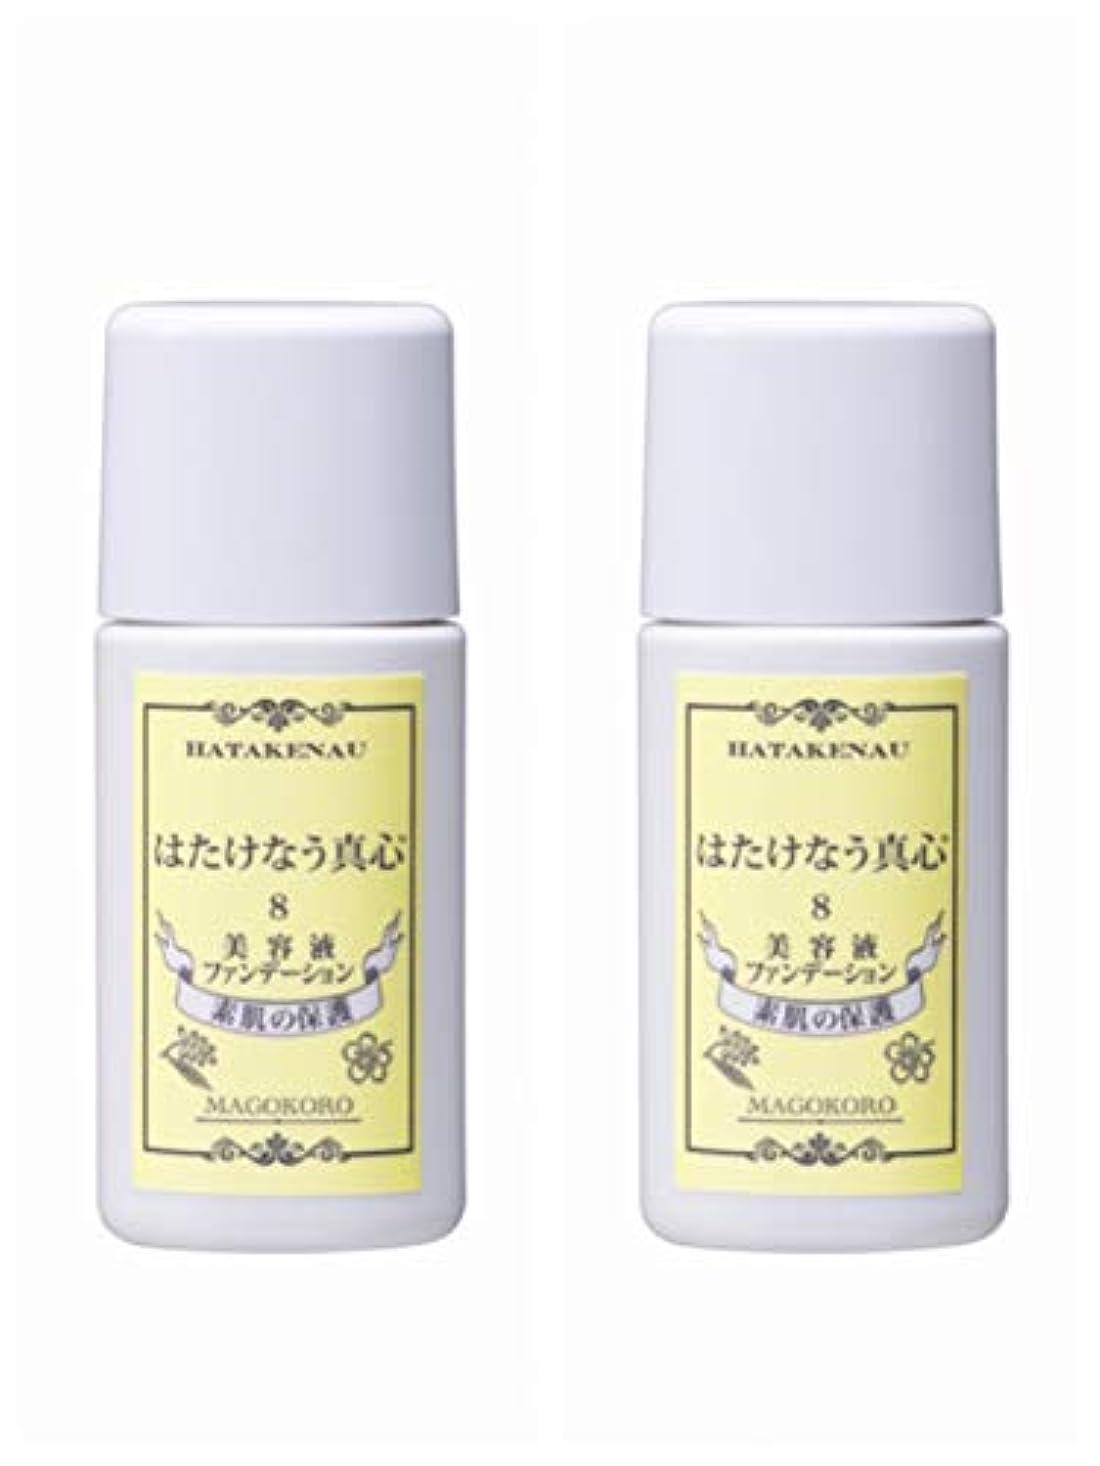 つまずくみなさん些細な●【2点セット】美容液ファンデーション?8番?素肌の保護